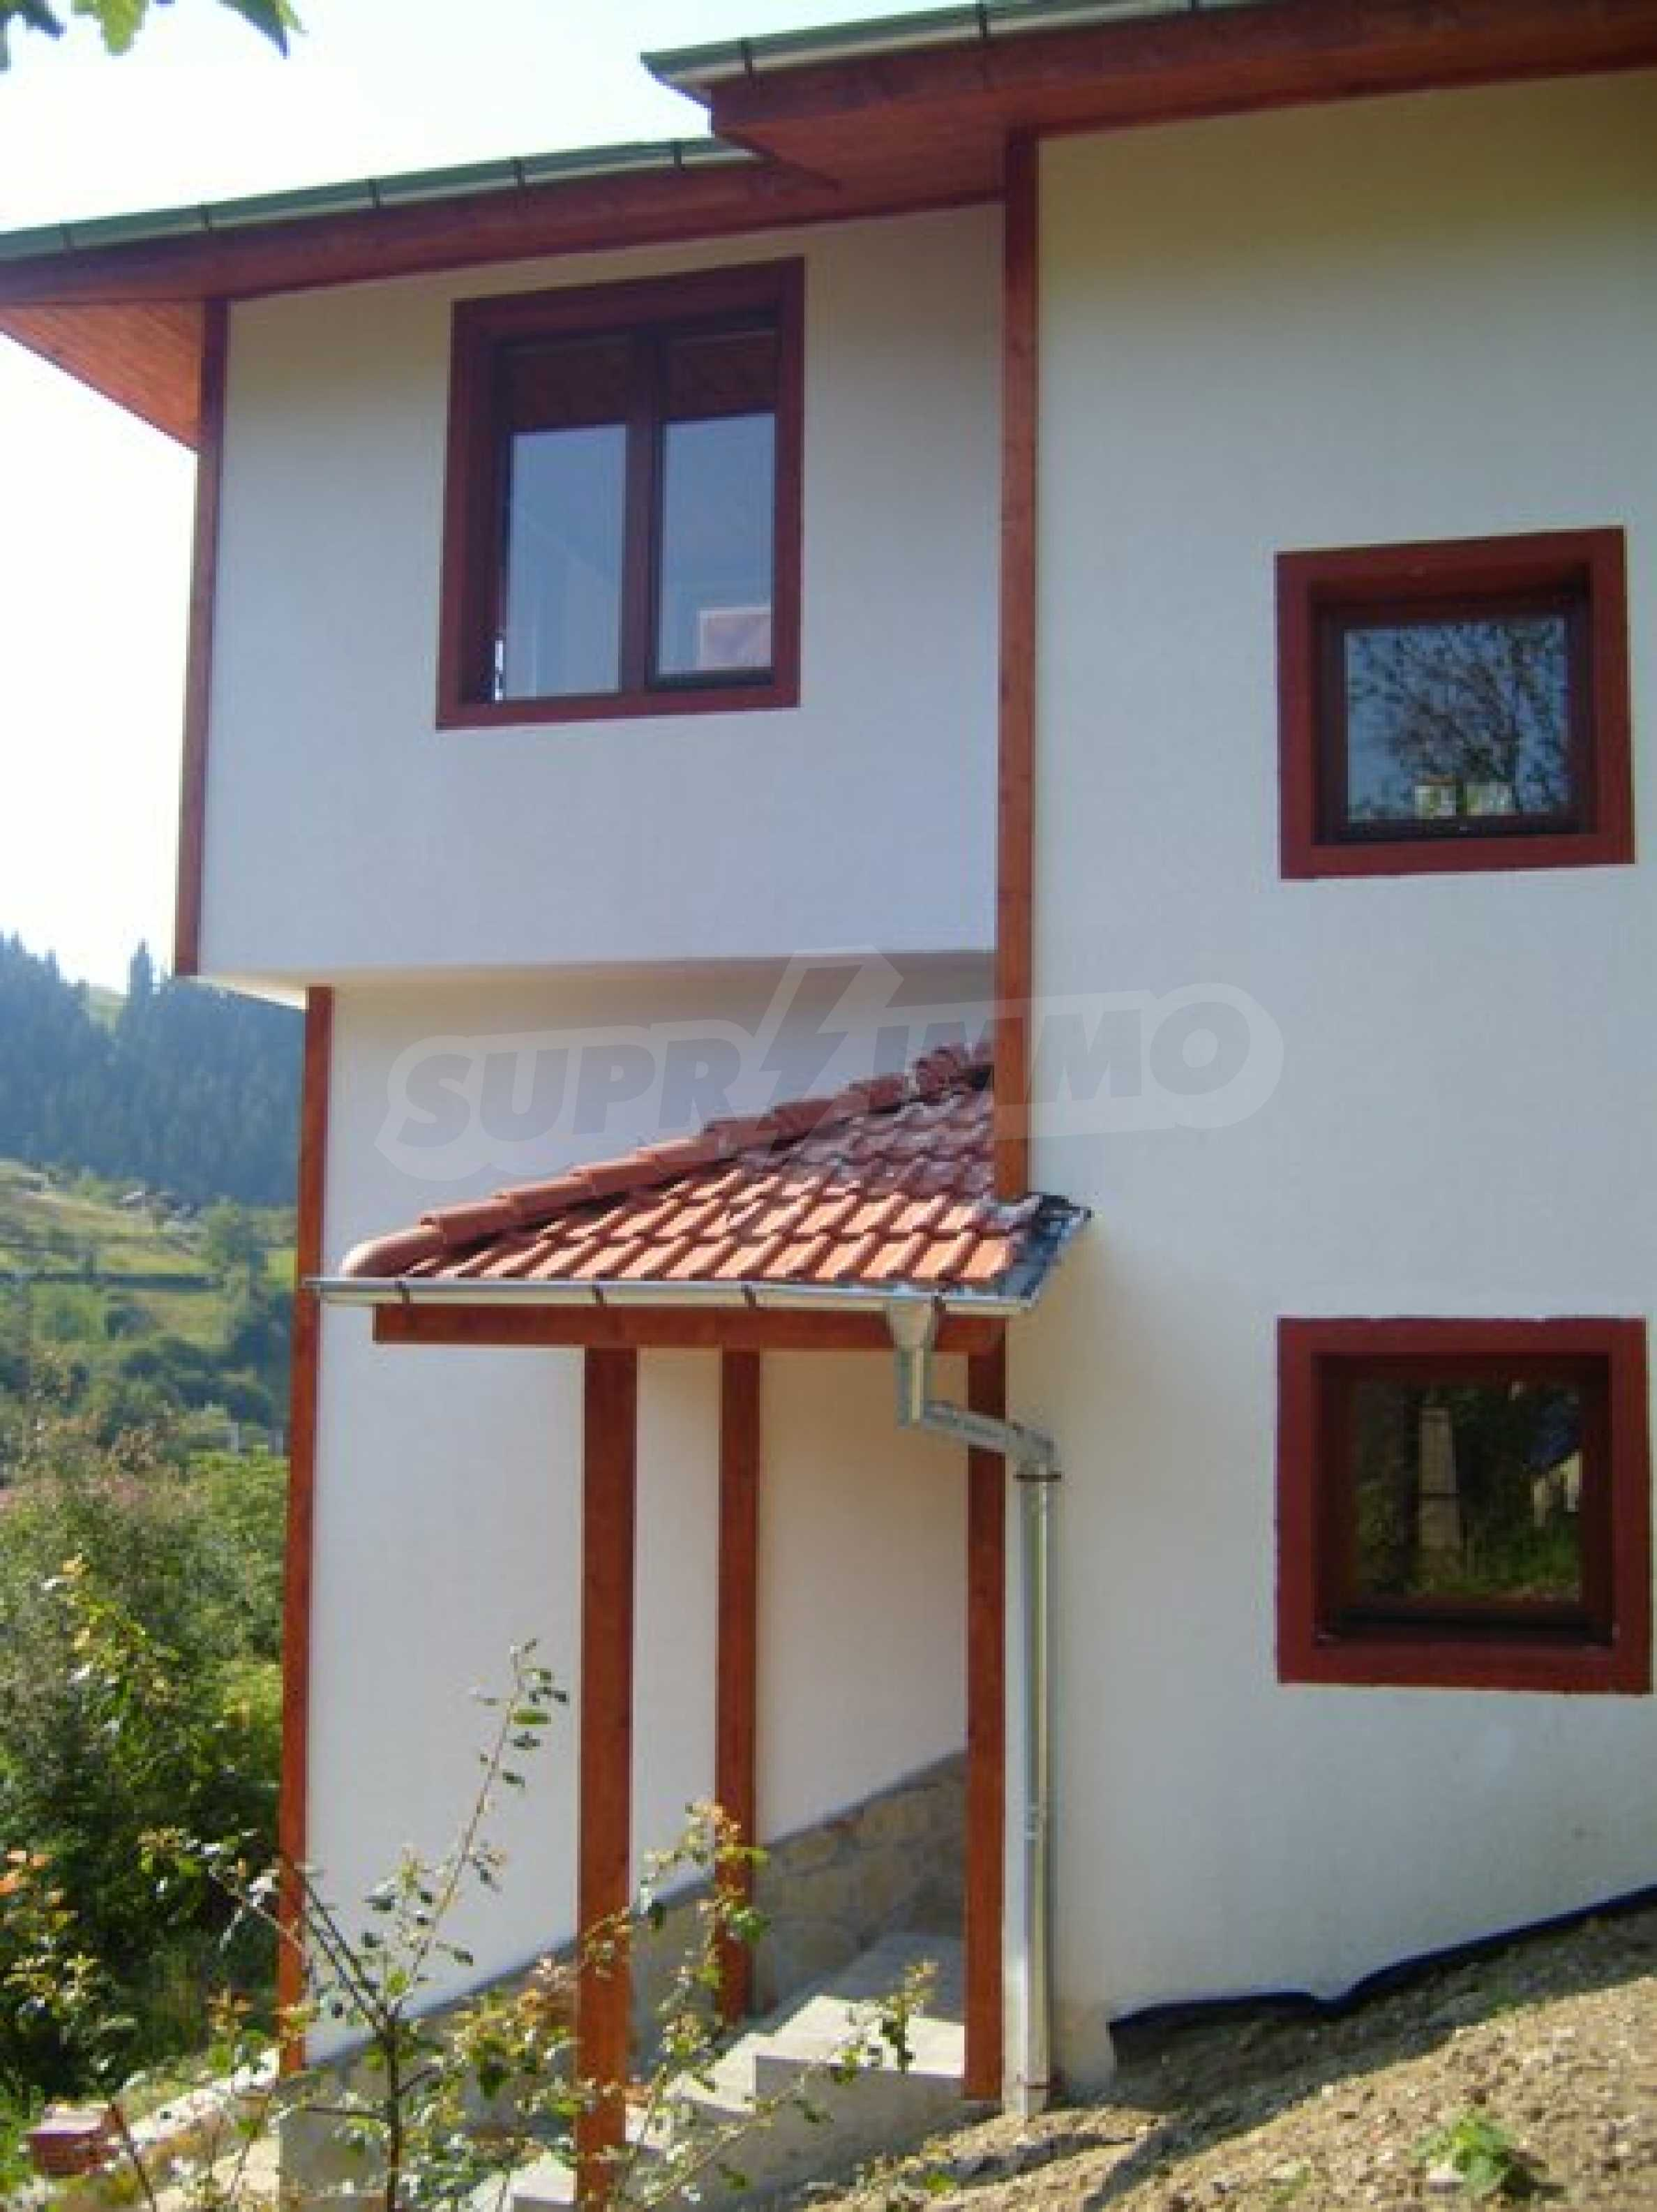 Großes neues Haus in der Nähe des Skigebiets 5